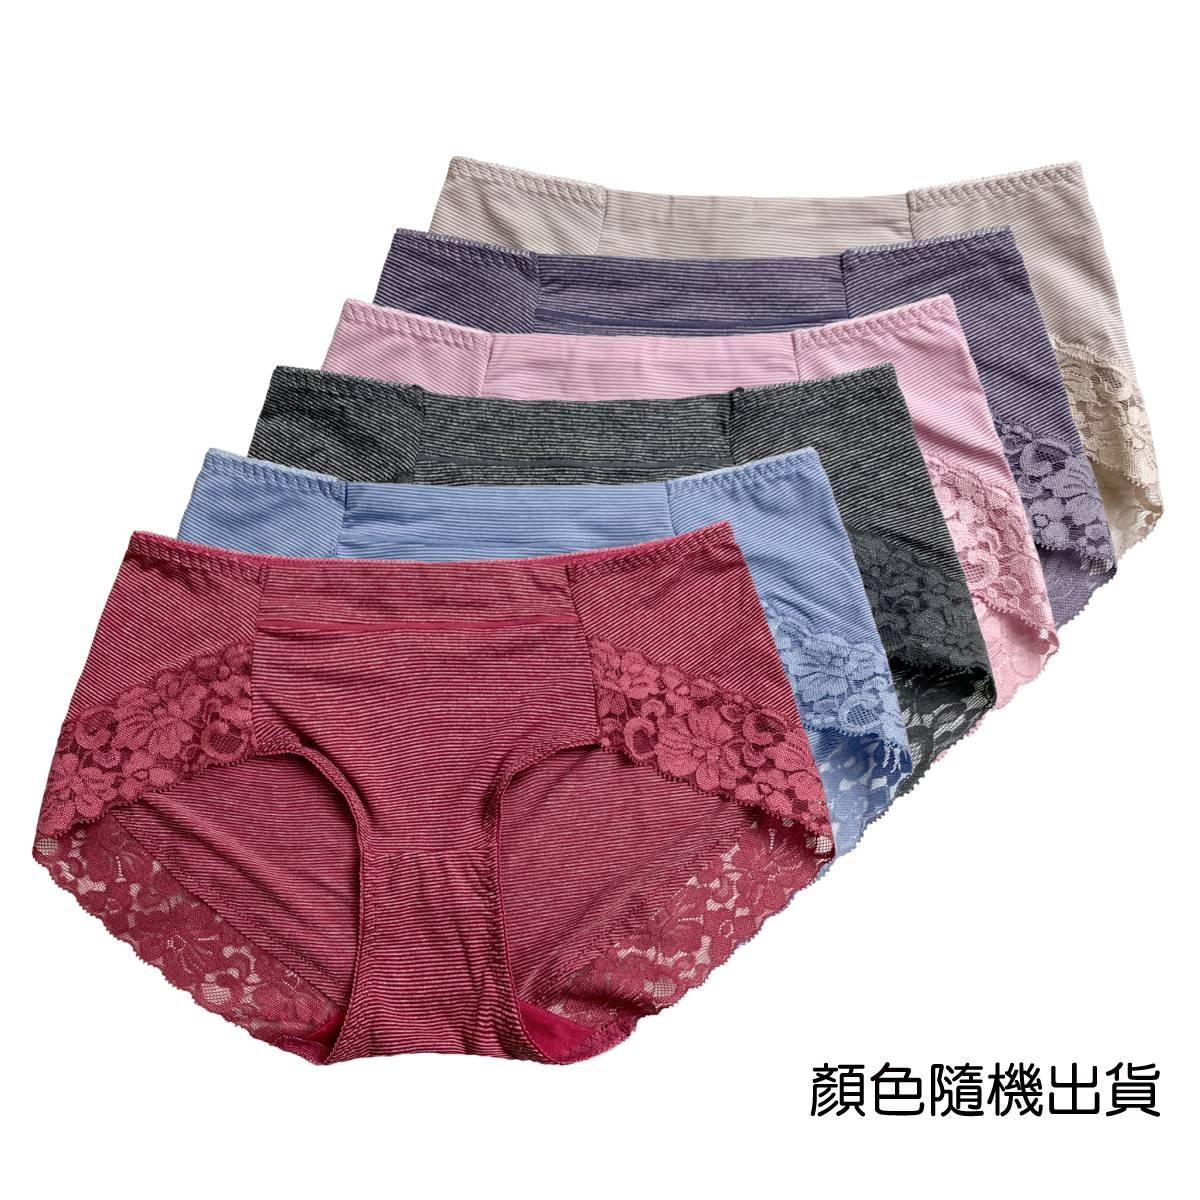 【芈亞可】膠原蛋白紗保濕抑菌女內褲2907 中低腰 L碼(顏色隨機出貨)